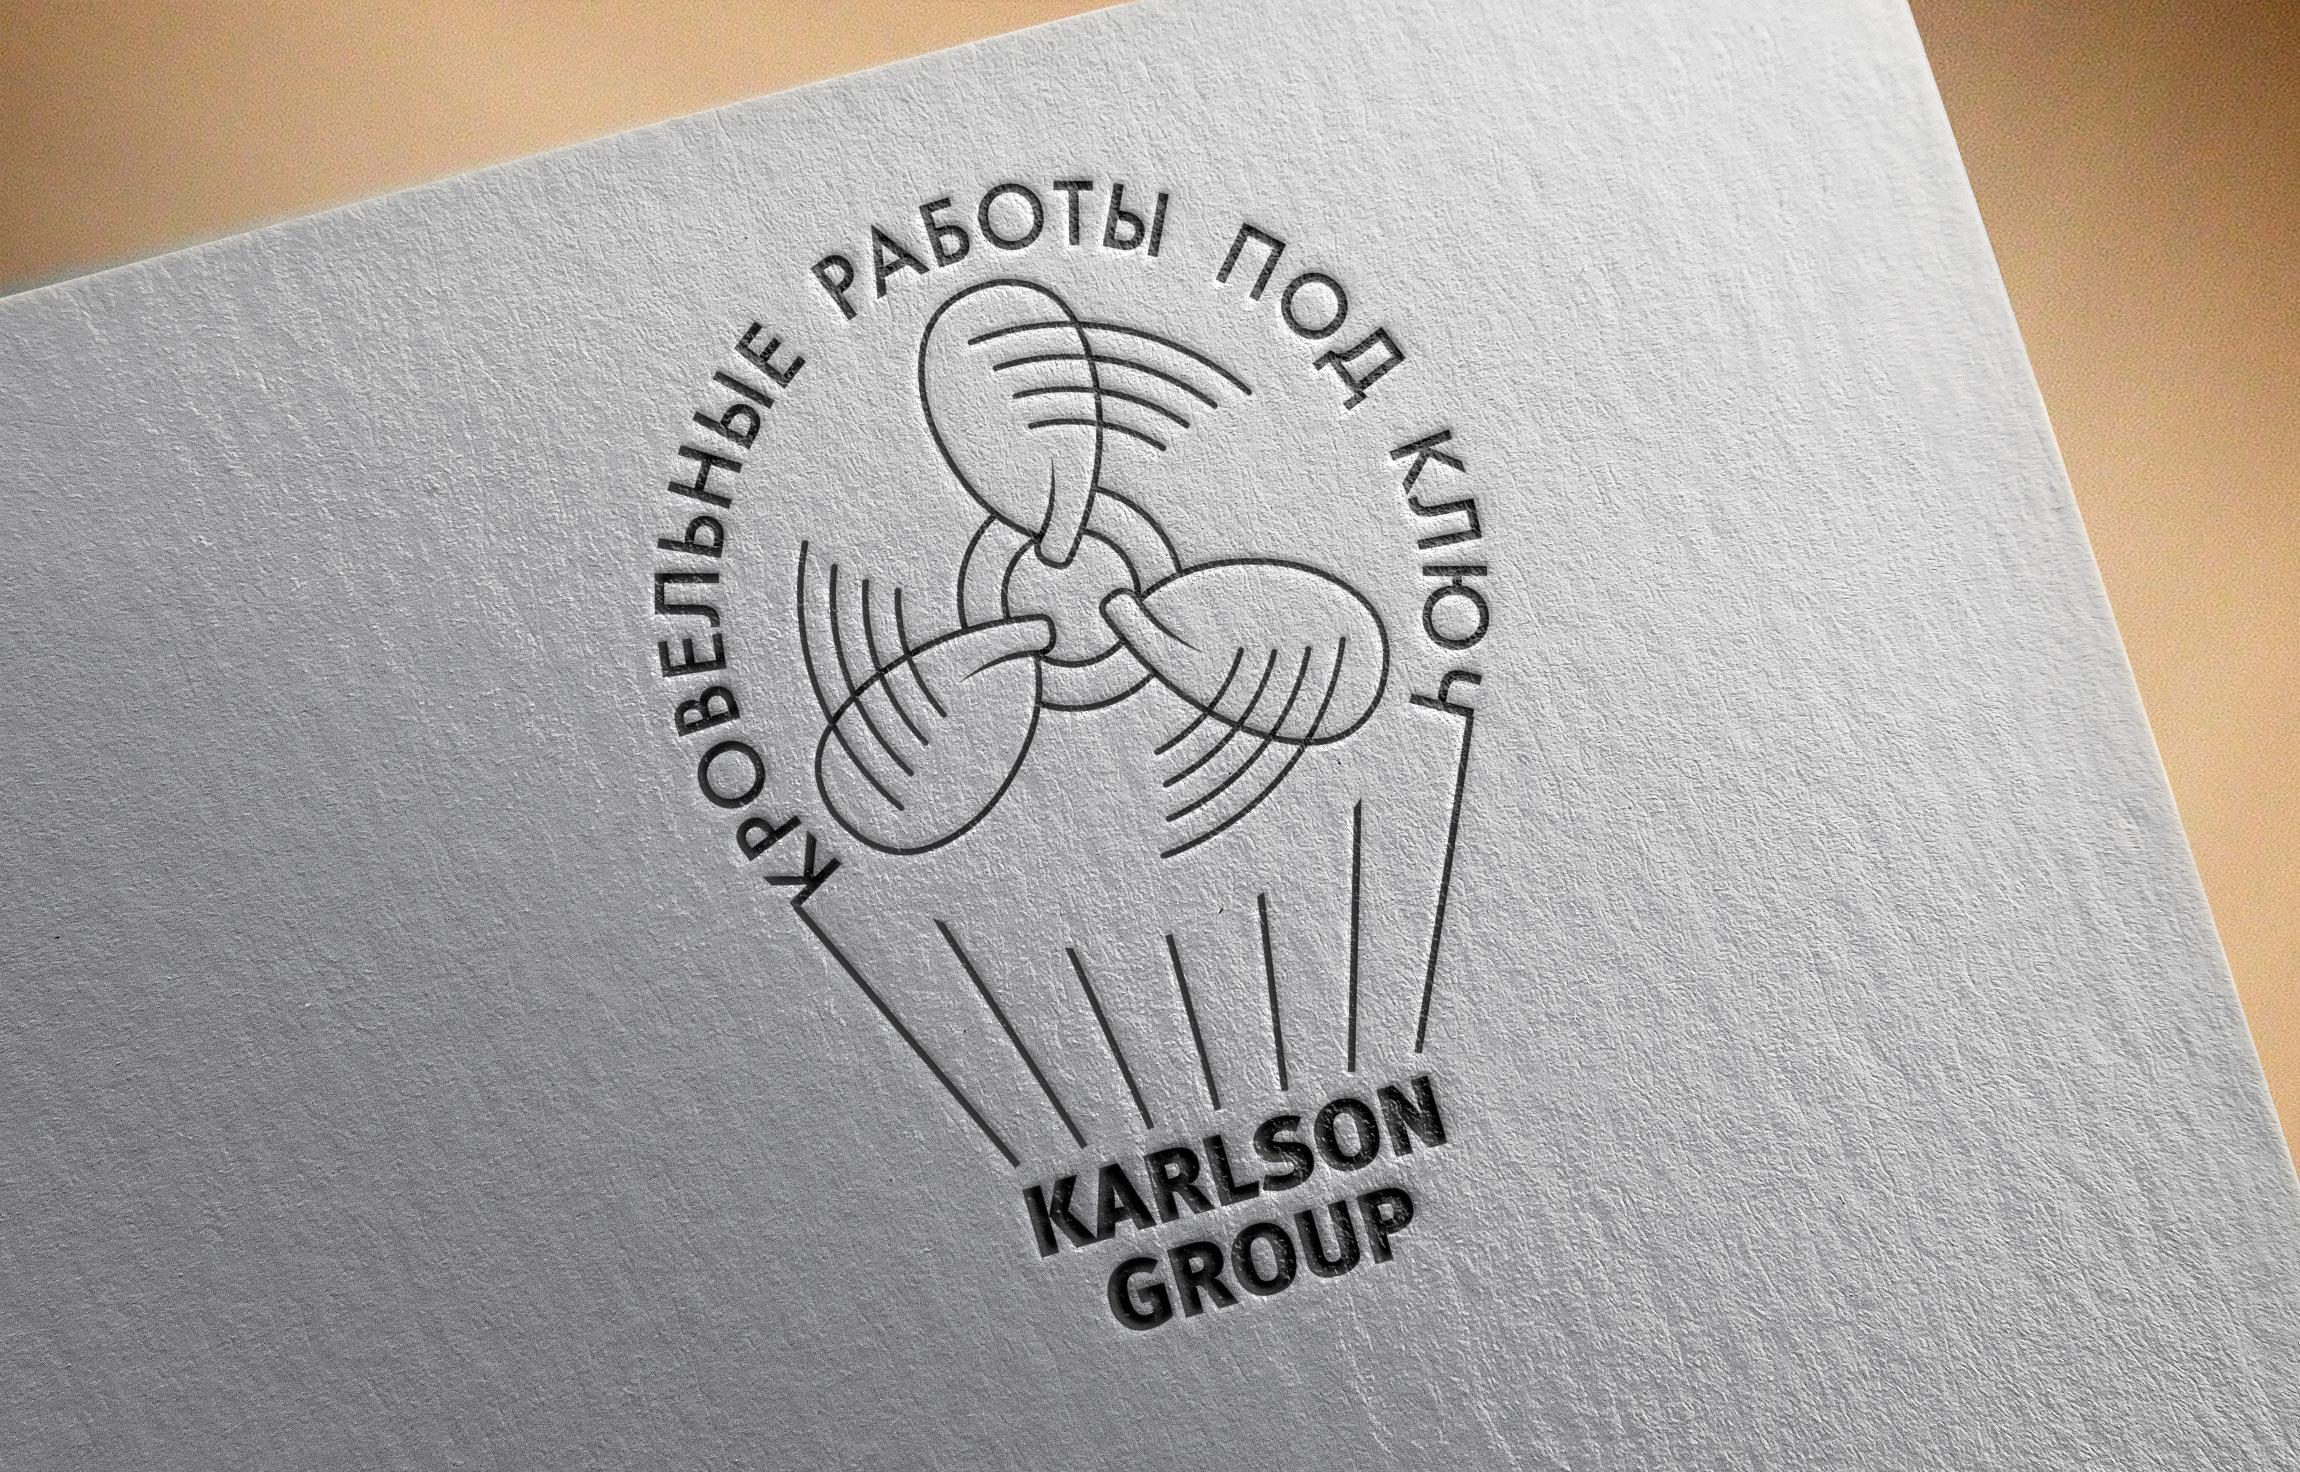 Придумать классный логотип фото f_8975986dc3a40d4a.jpg